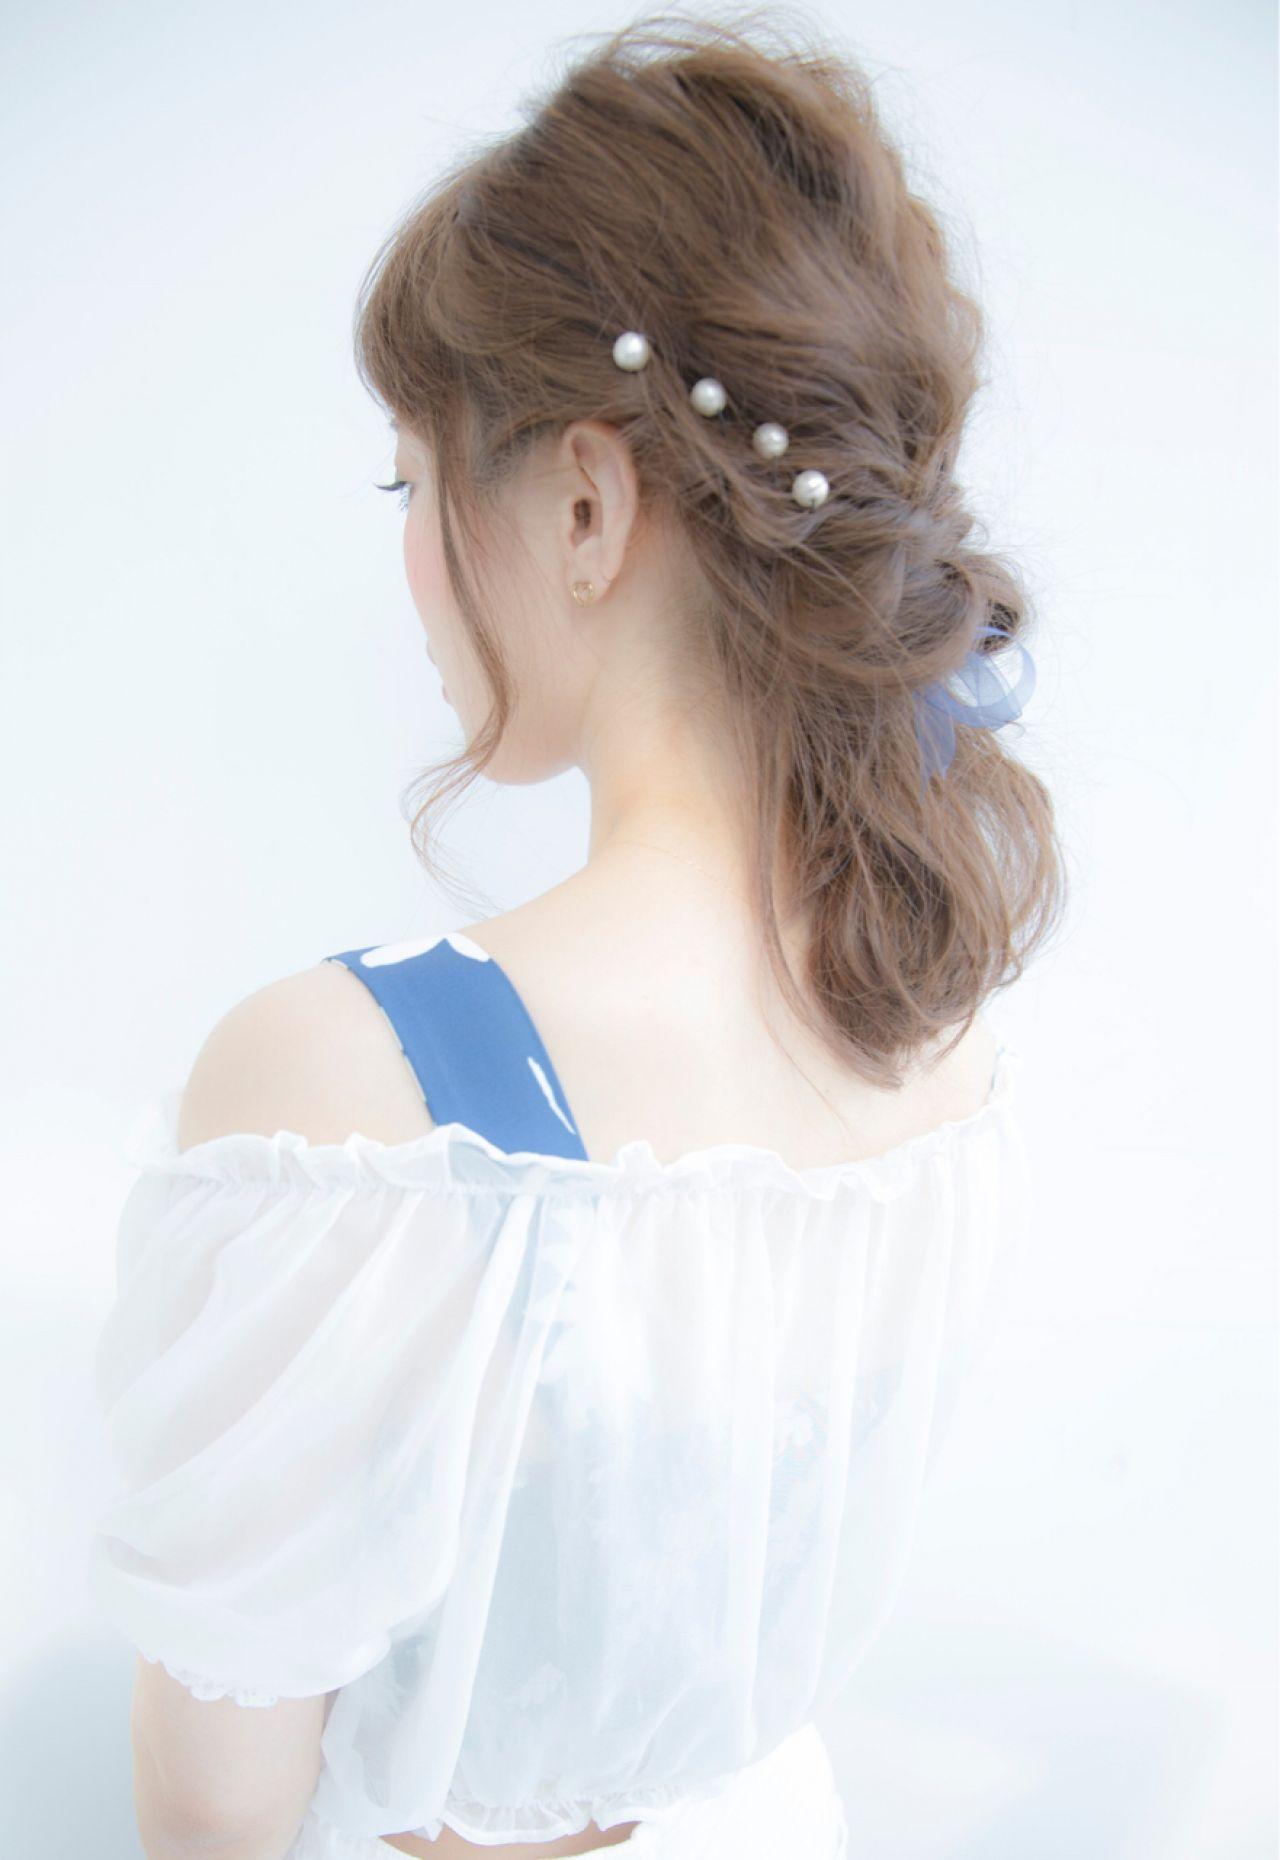 ヘアピン 波ウェーブ ロング 簡単ヘアアレンジ ヘアスタイルや髪型の写真・画像 | NARUOKA / Veil ヴェール